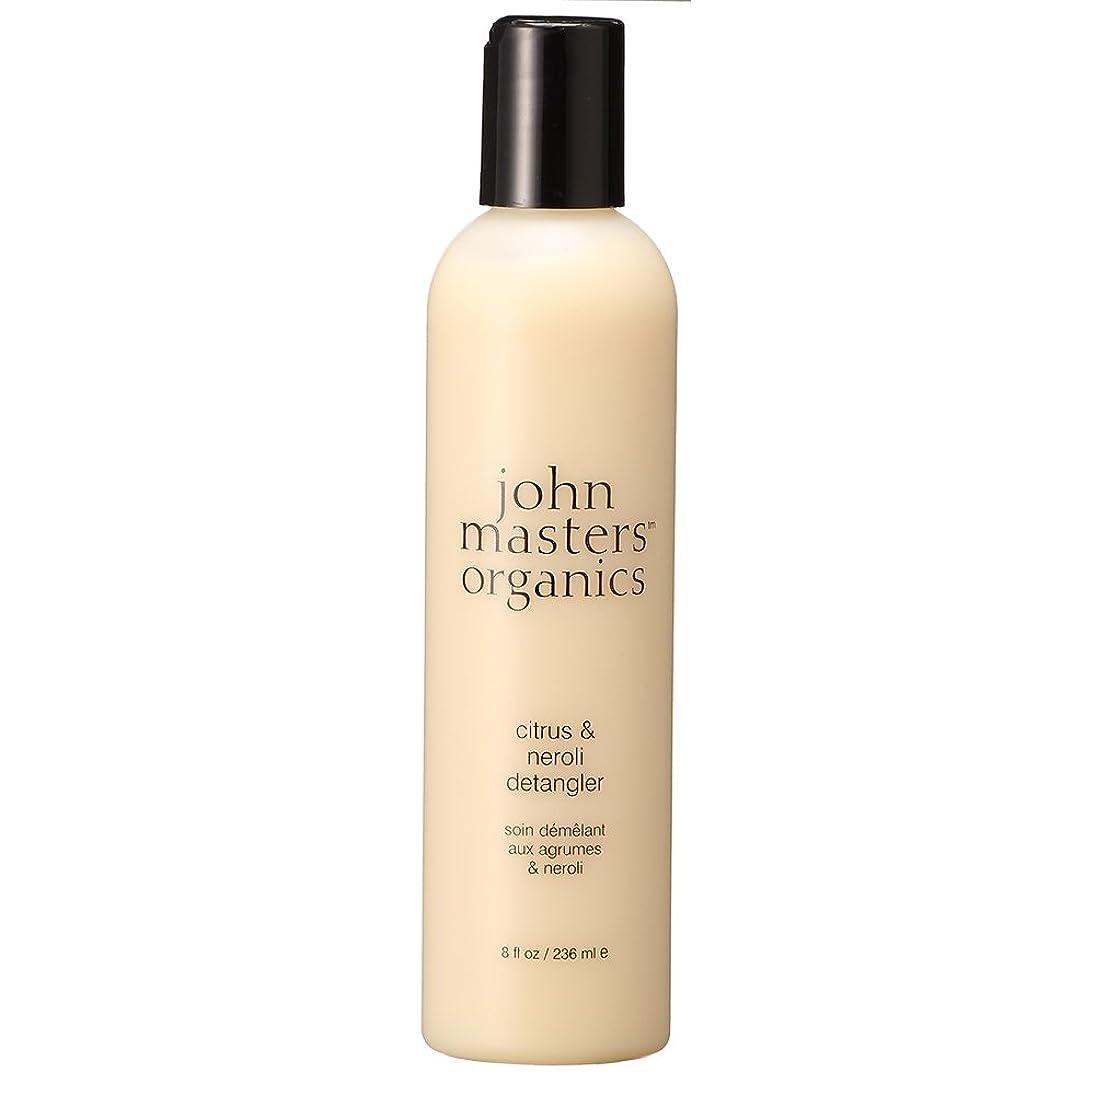 破壊的なビリー噴水JohnMastersOrganics(John Masters Organics ジョンマスター)オーガニック シトラス&ネロリ デタングラー ヘアケア Hair Care CD 669558-500068 【コンディショナー】